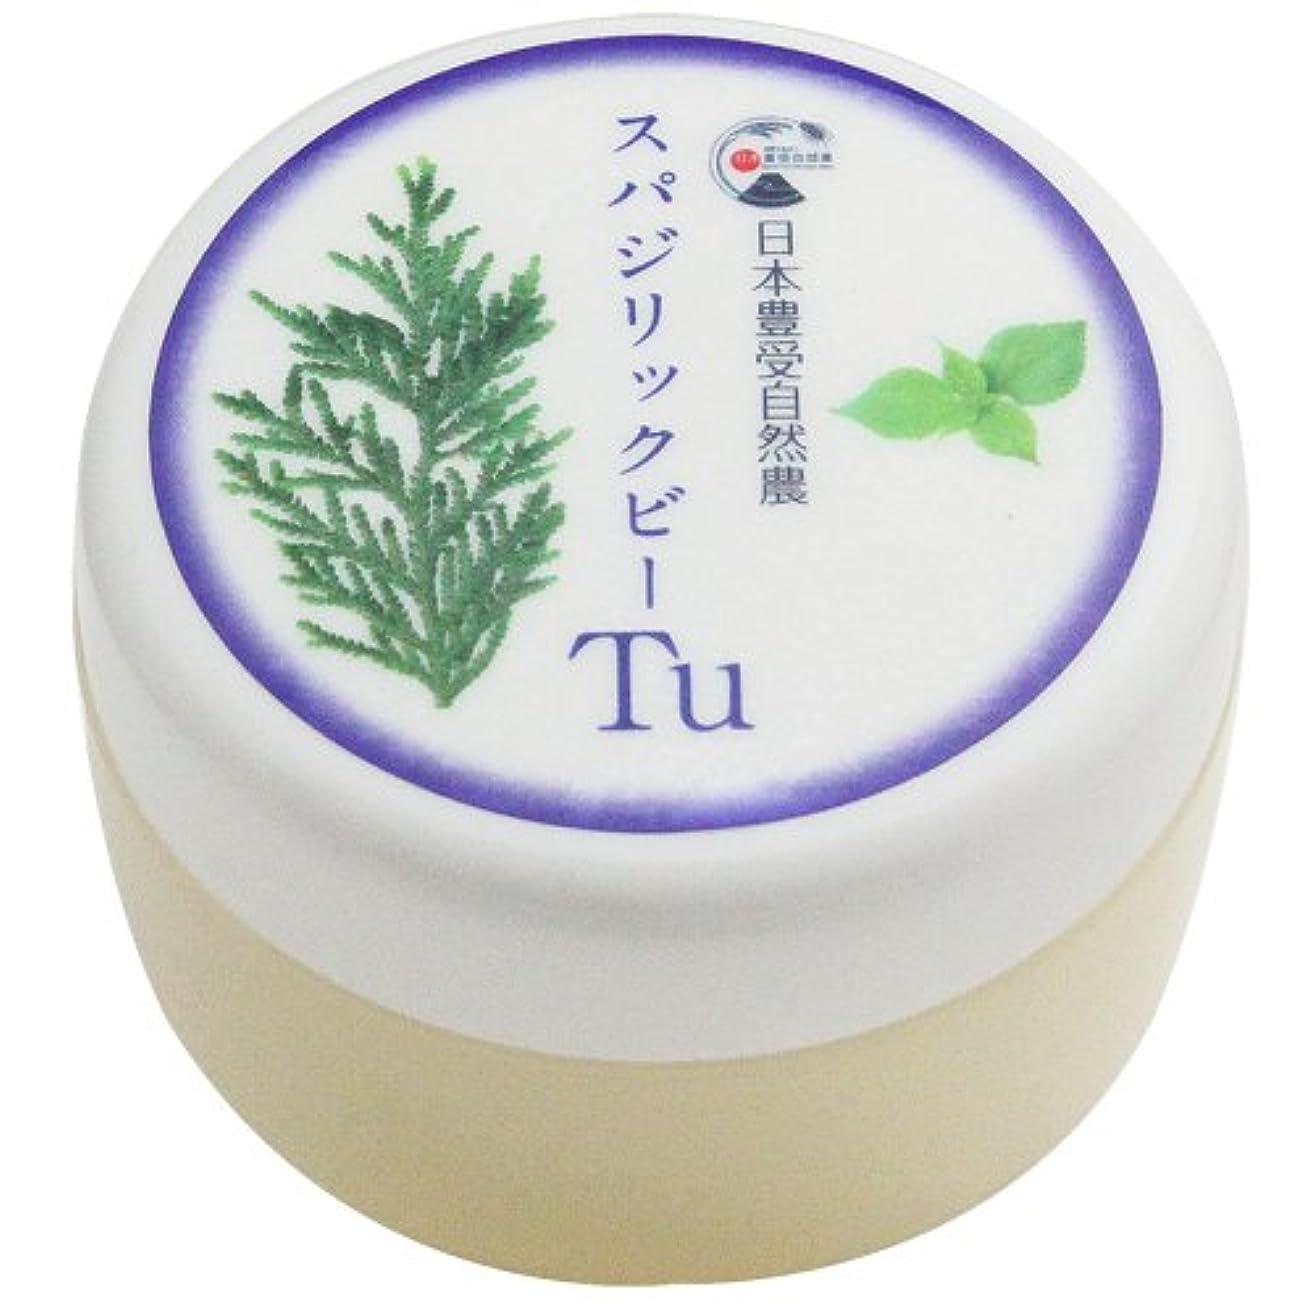 一月追放一般的に日本豊受自然農 スパジリック ビーTu(特大) 135g